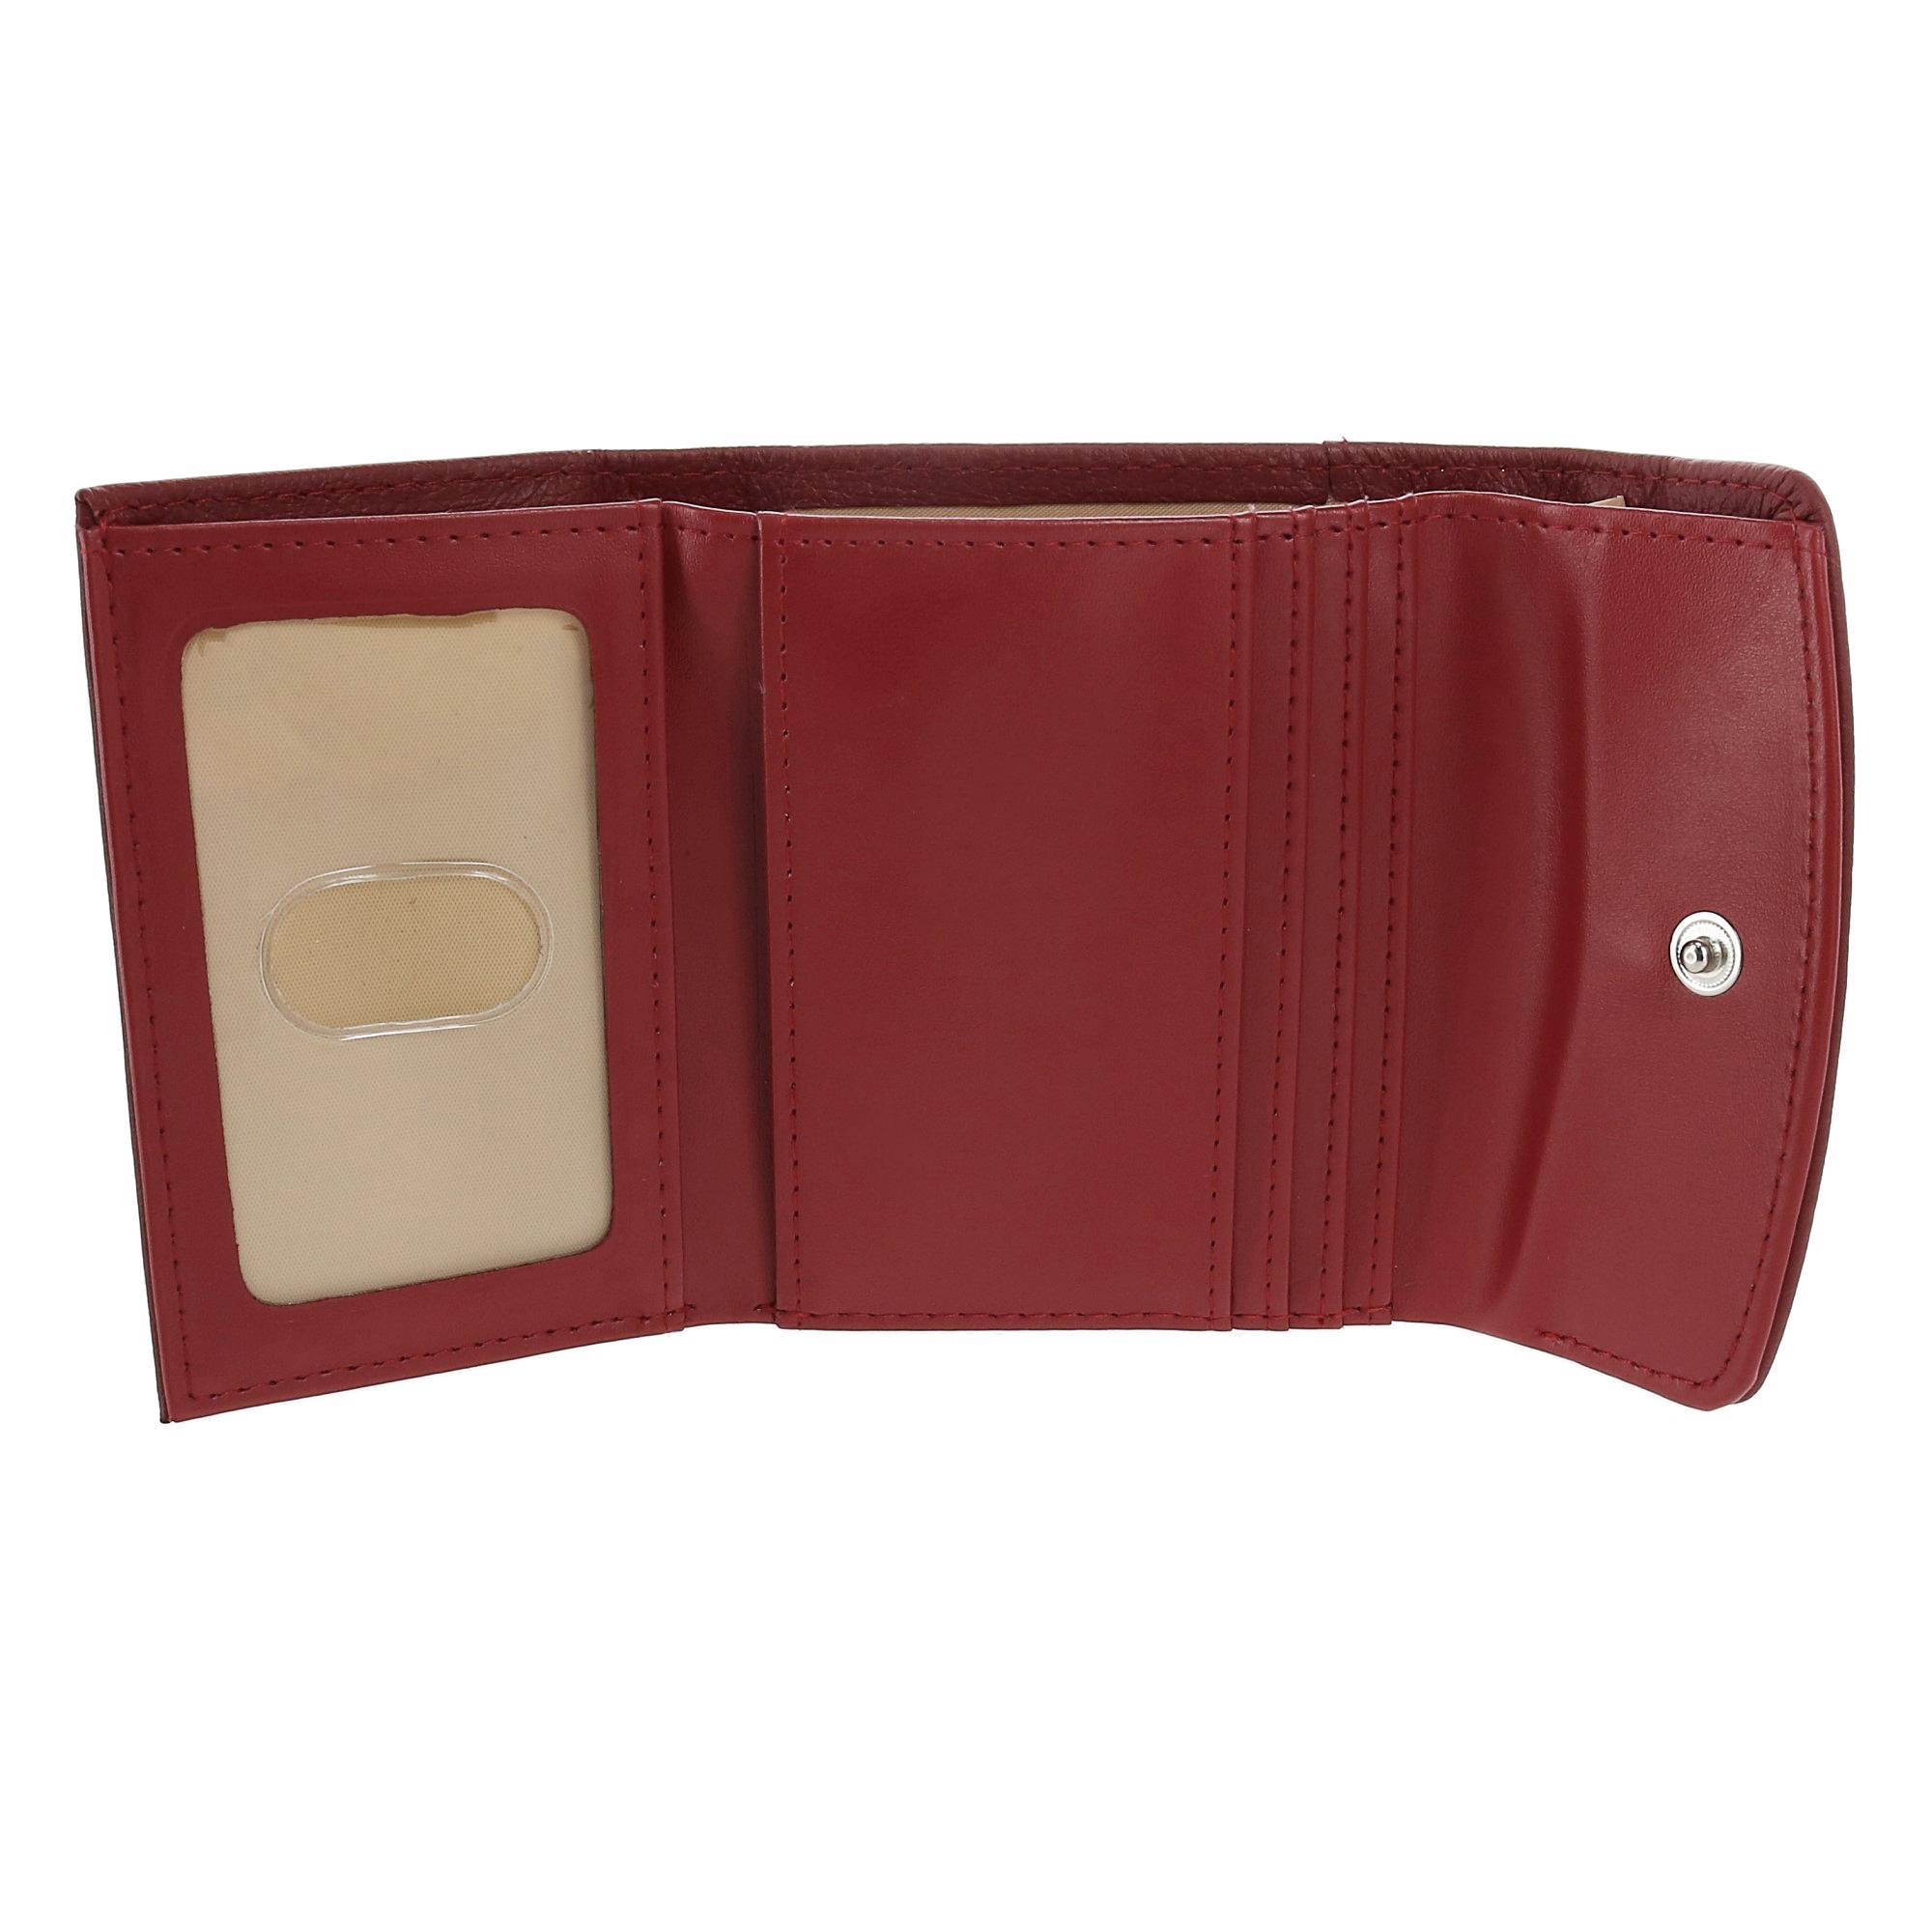 New-Buxton-Women-039-s-Leather-Mini-Tri-Fold-Wallet thumbnail 17